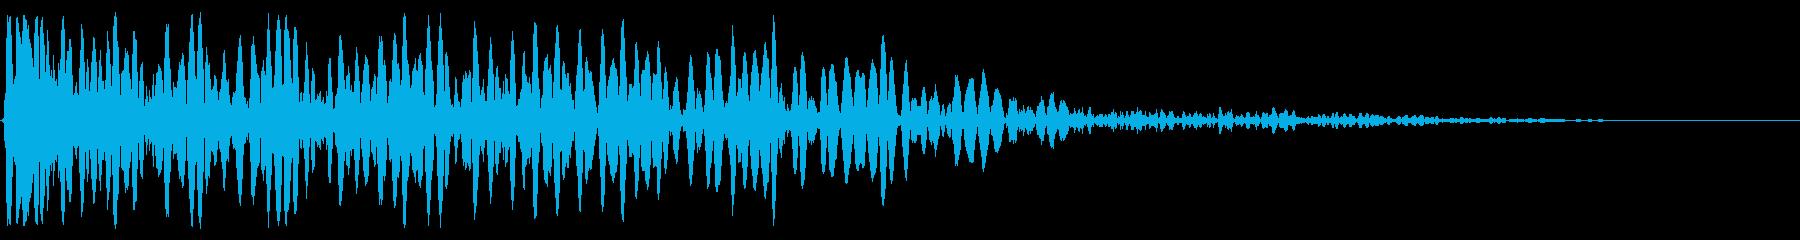 ディープグリッティアタックブームの影響の再生済みの波形